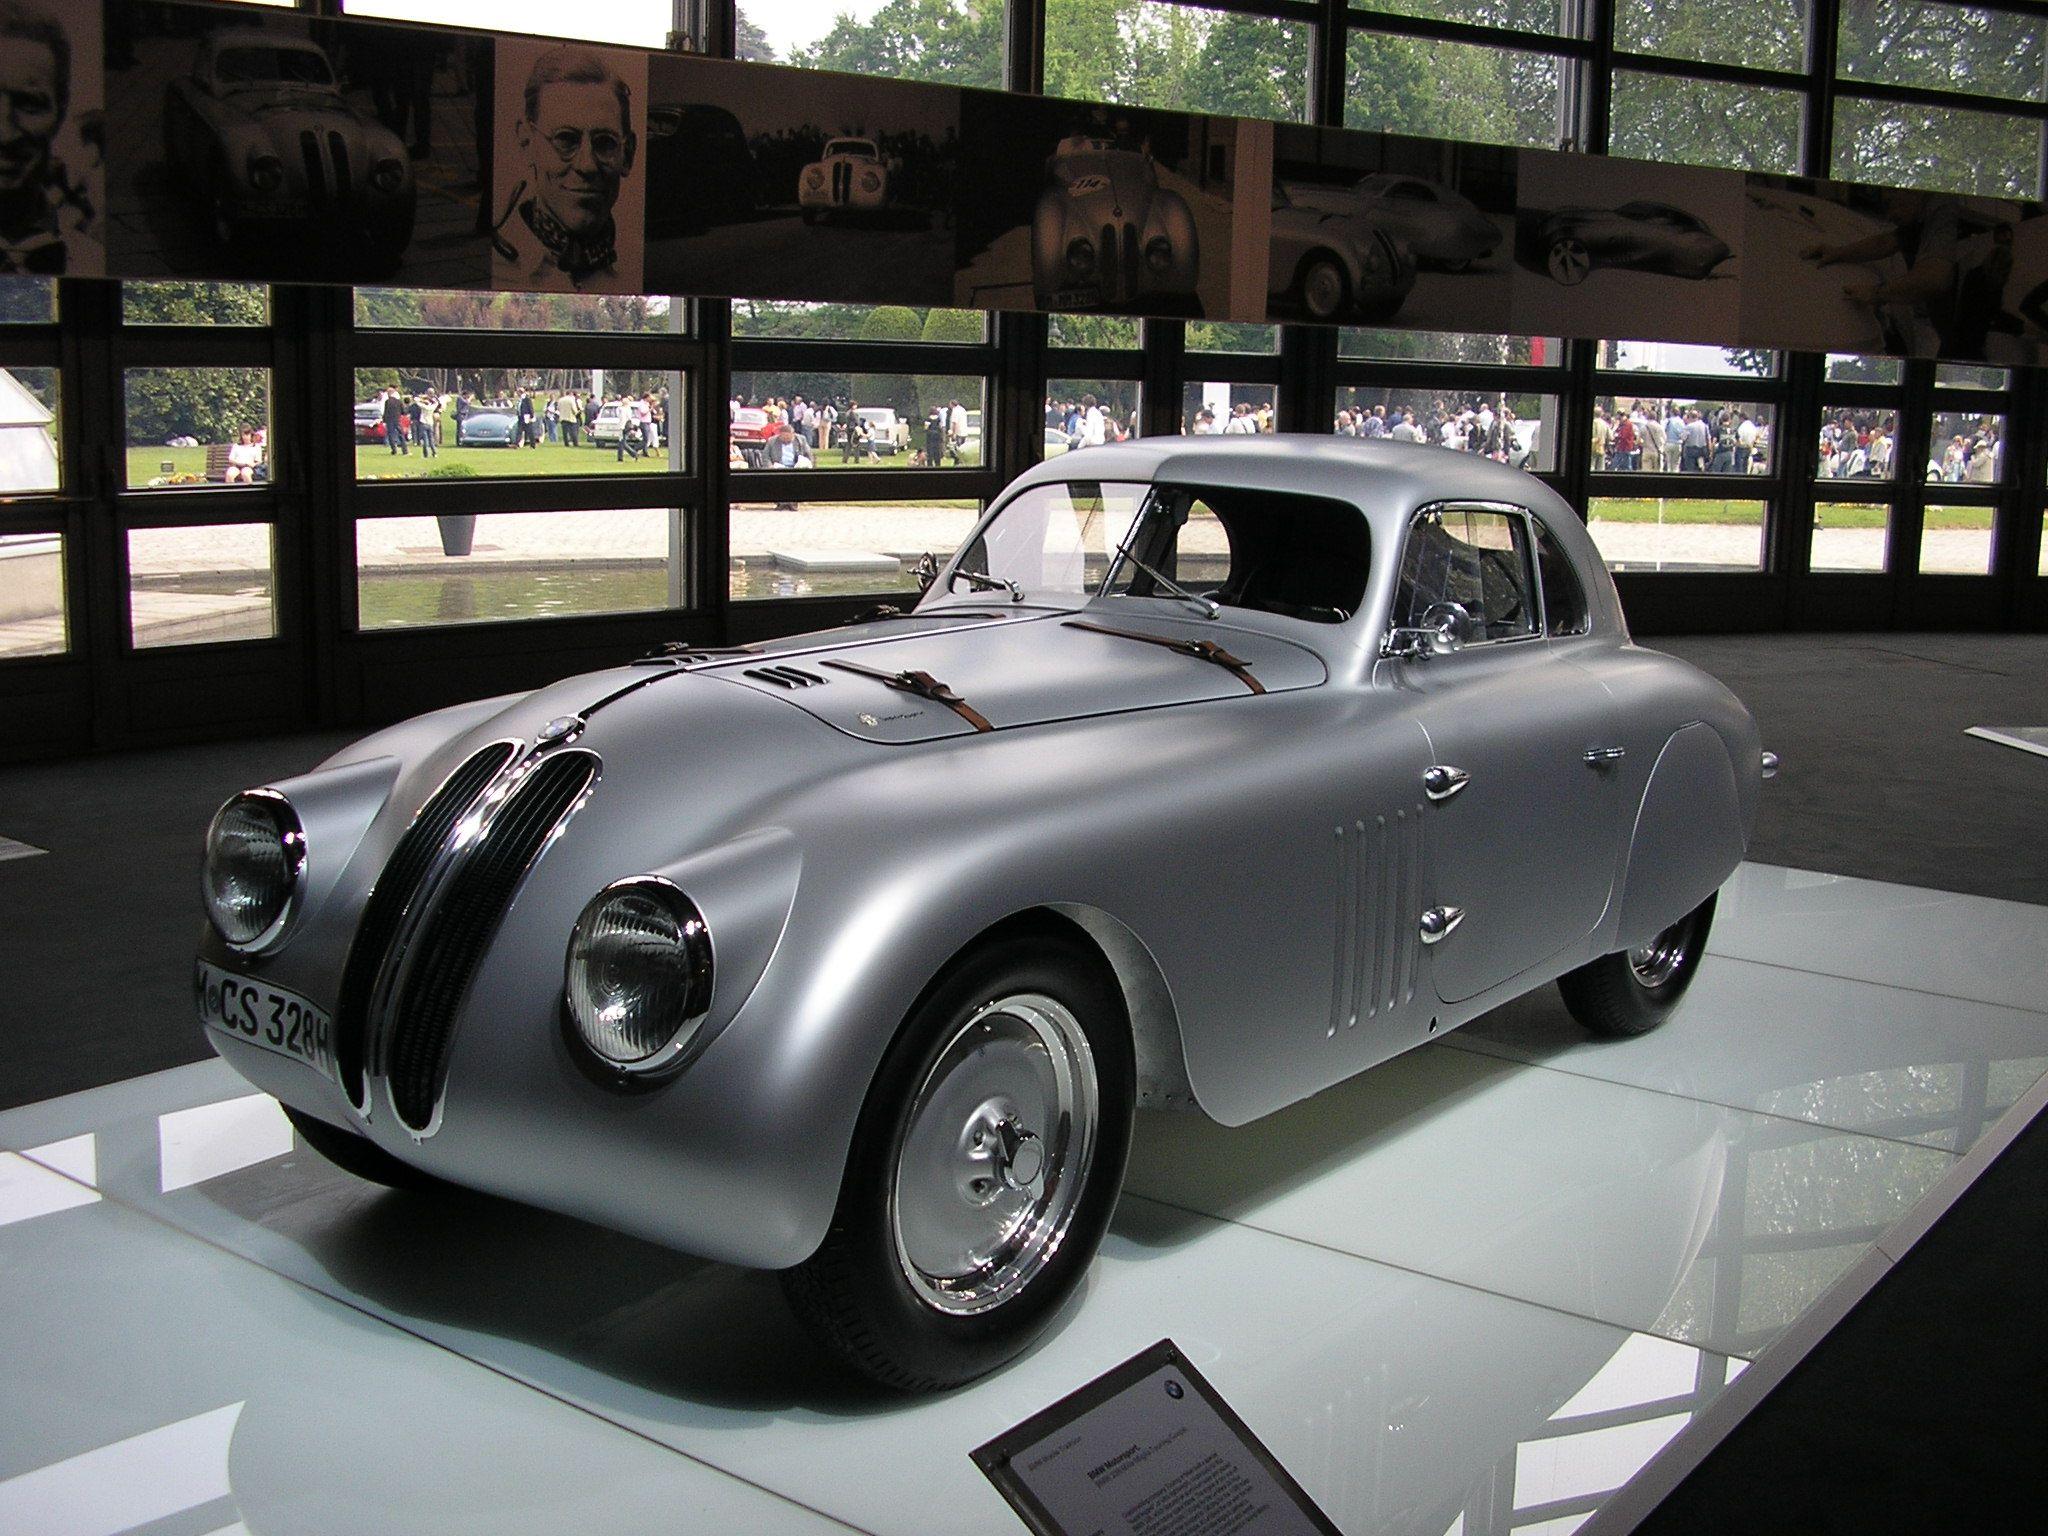 Classic Silver Car 1940 Bmw Mille Miglia Stylish Retro